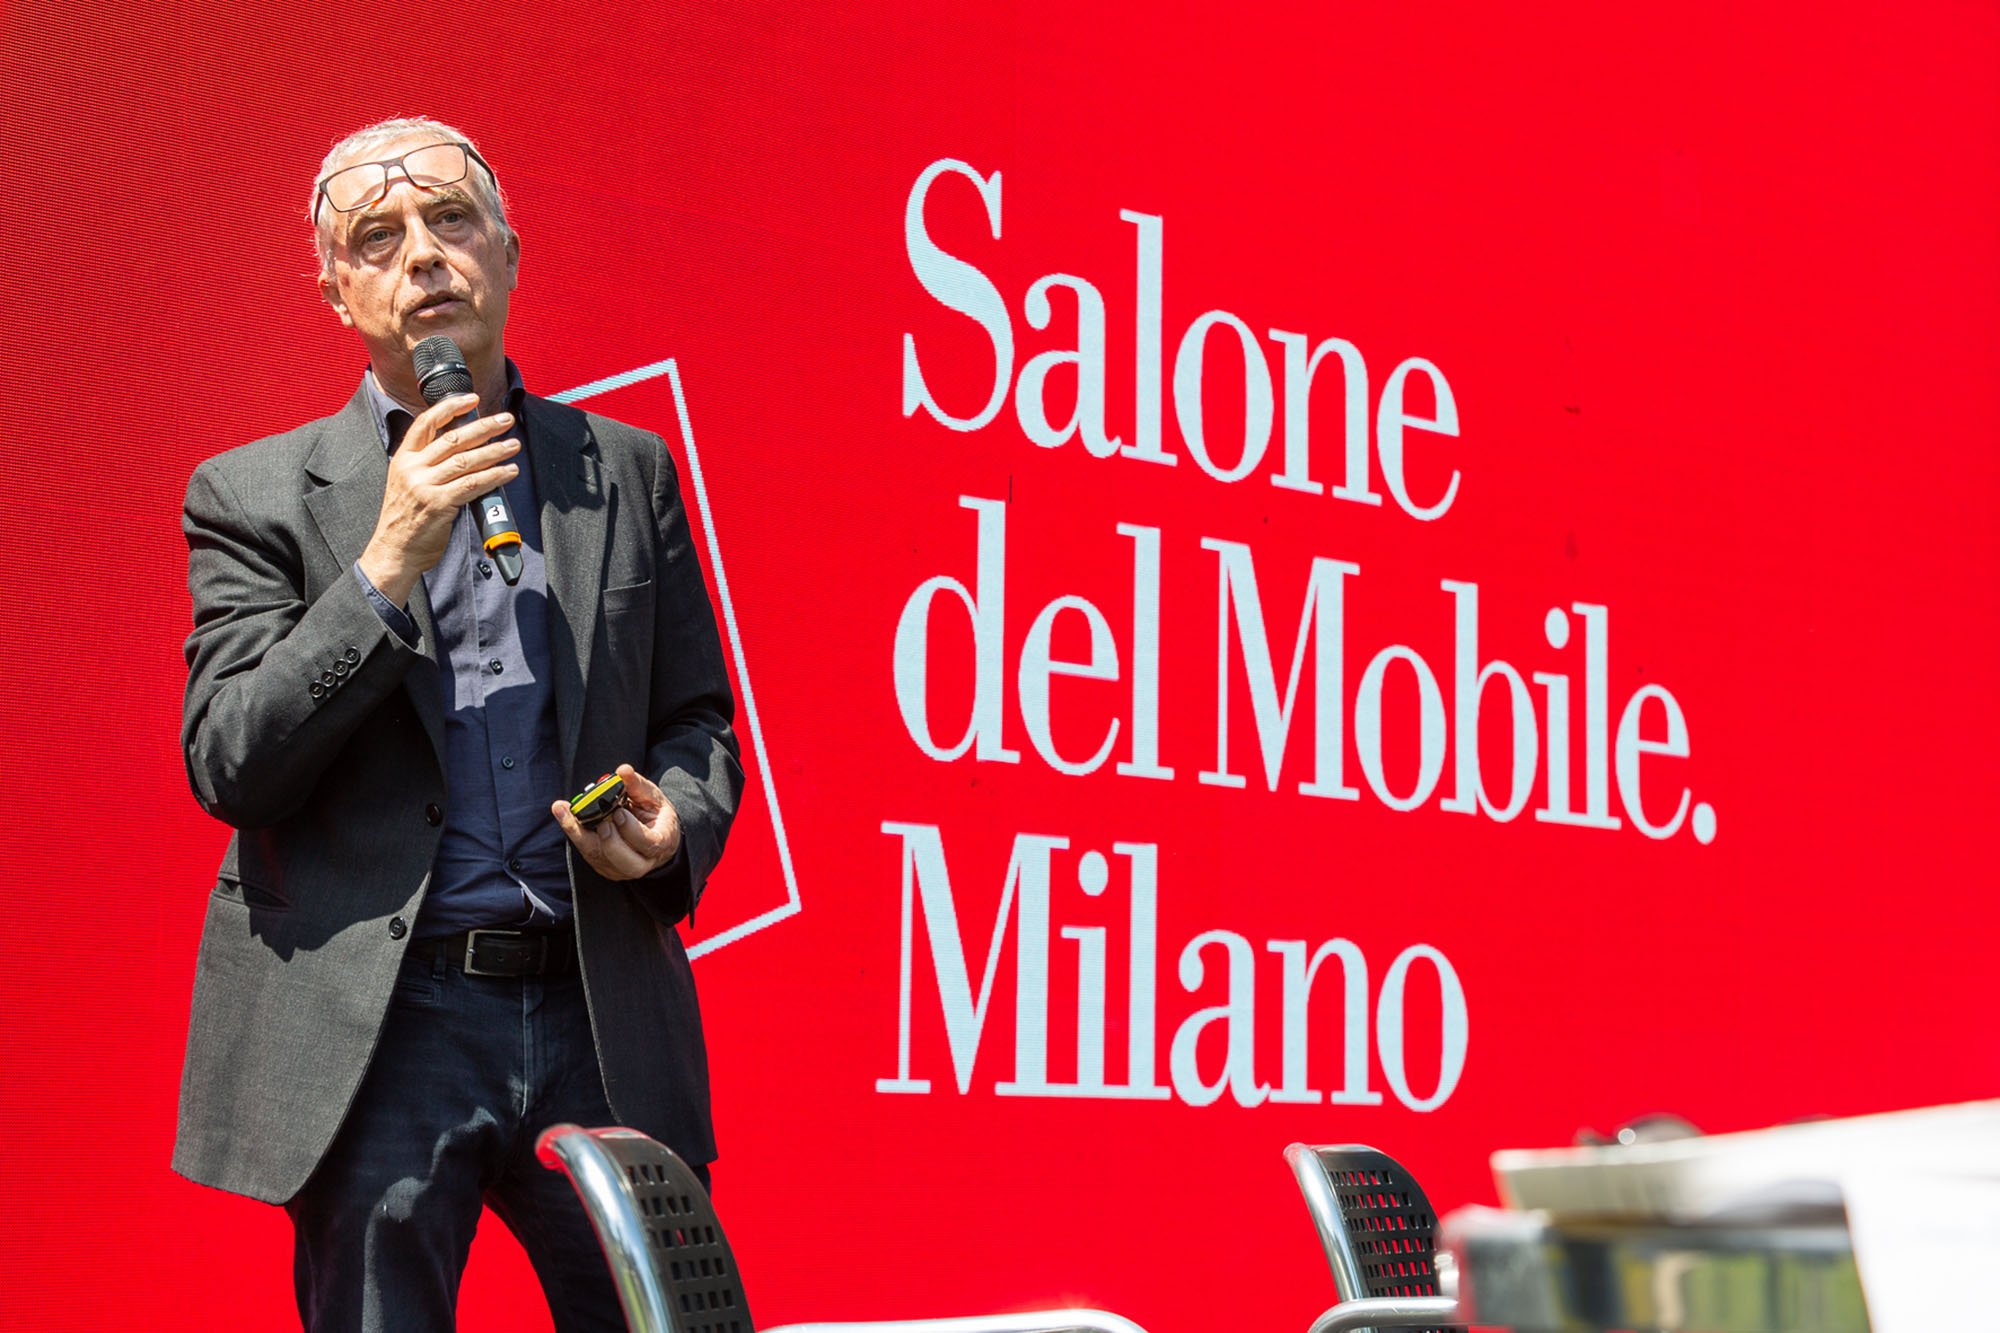 """Il Salone del Mobile.Milano diventa """"supersalone"""" e riapre a settembre"""